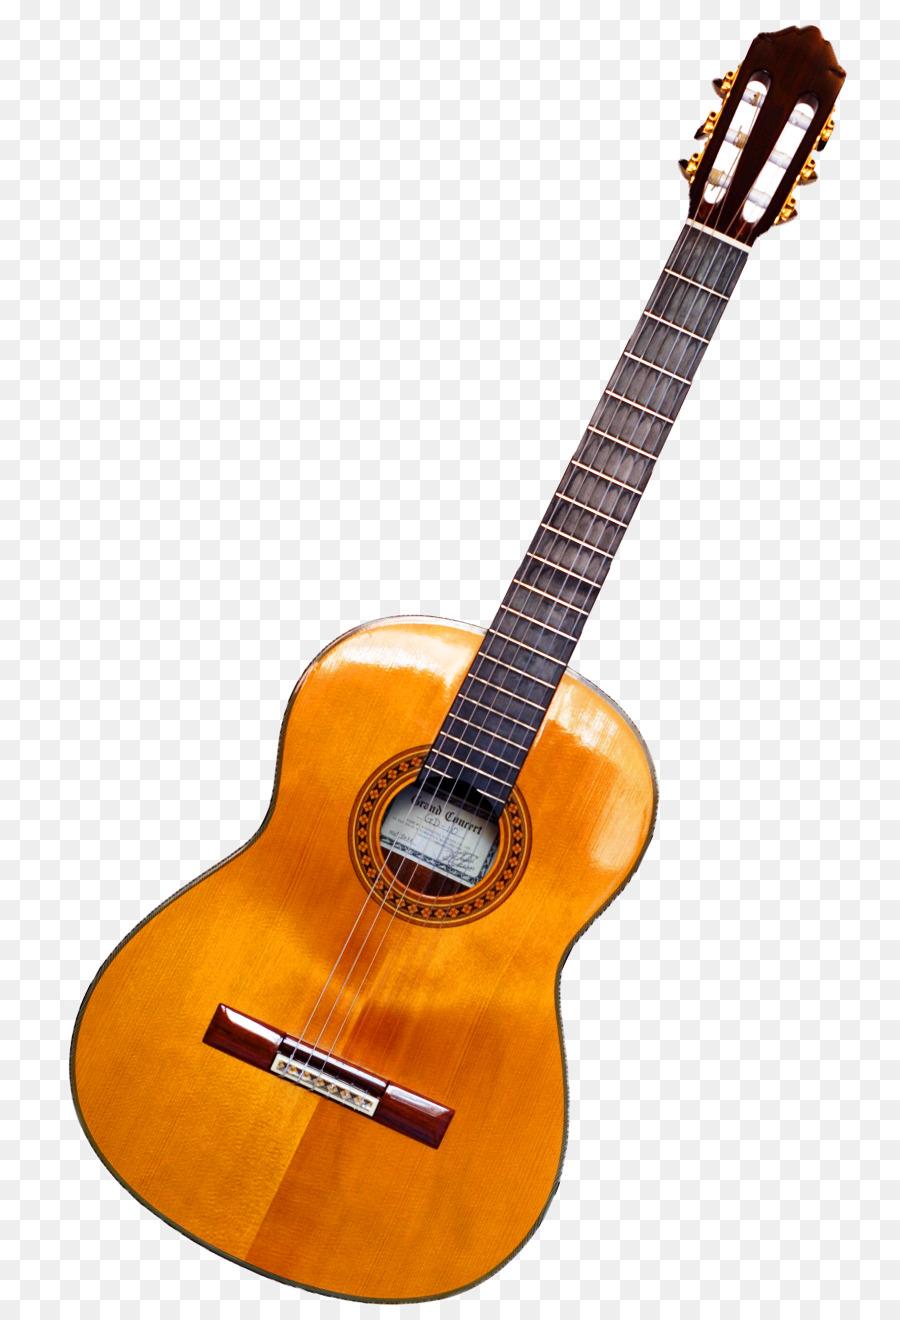 Vintage background transparent clip. Clipart guitar classic guitar